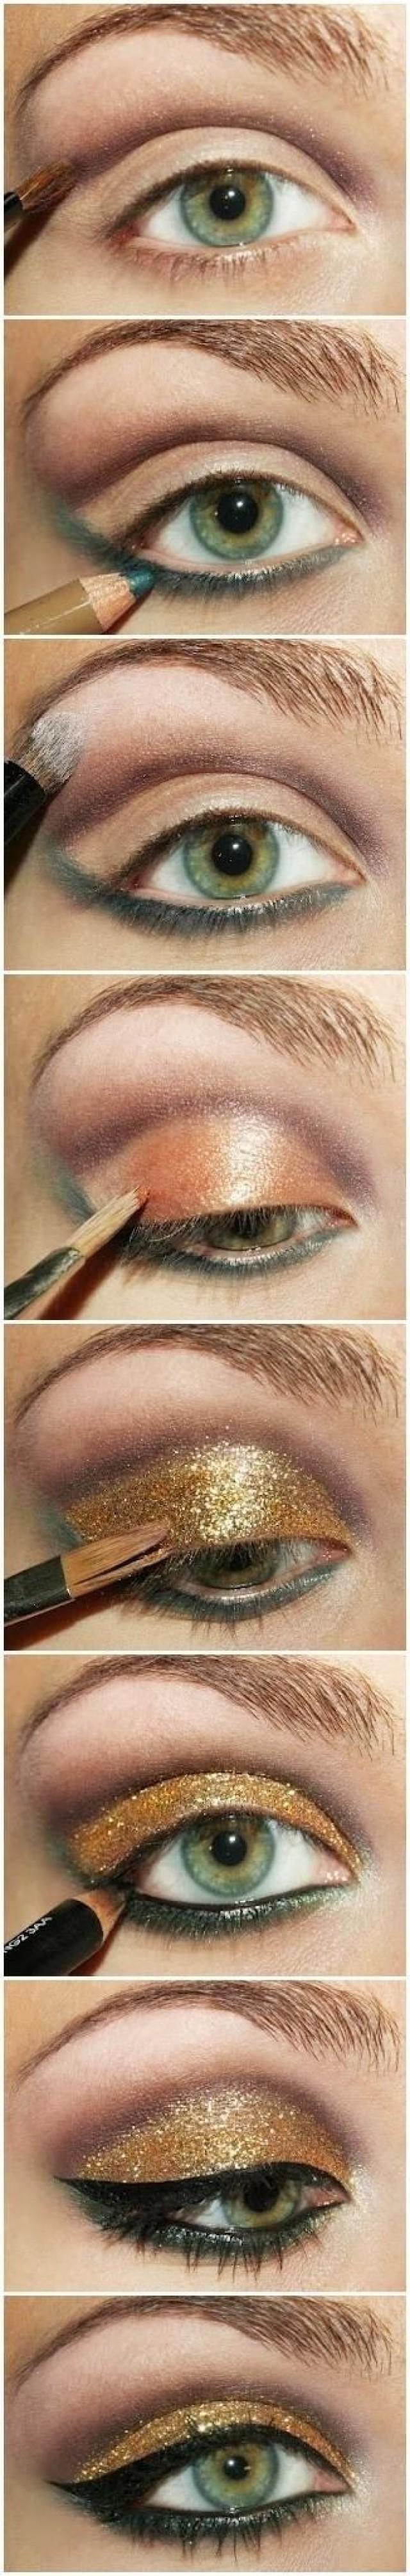 Макияж с золотым карандашом